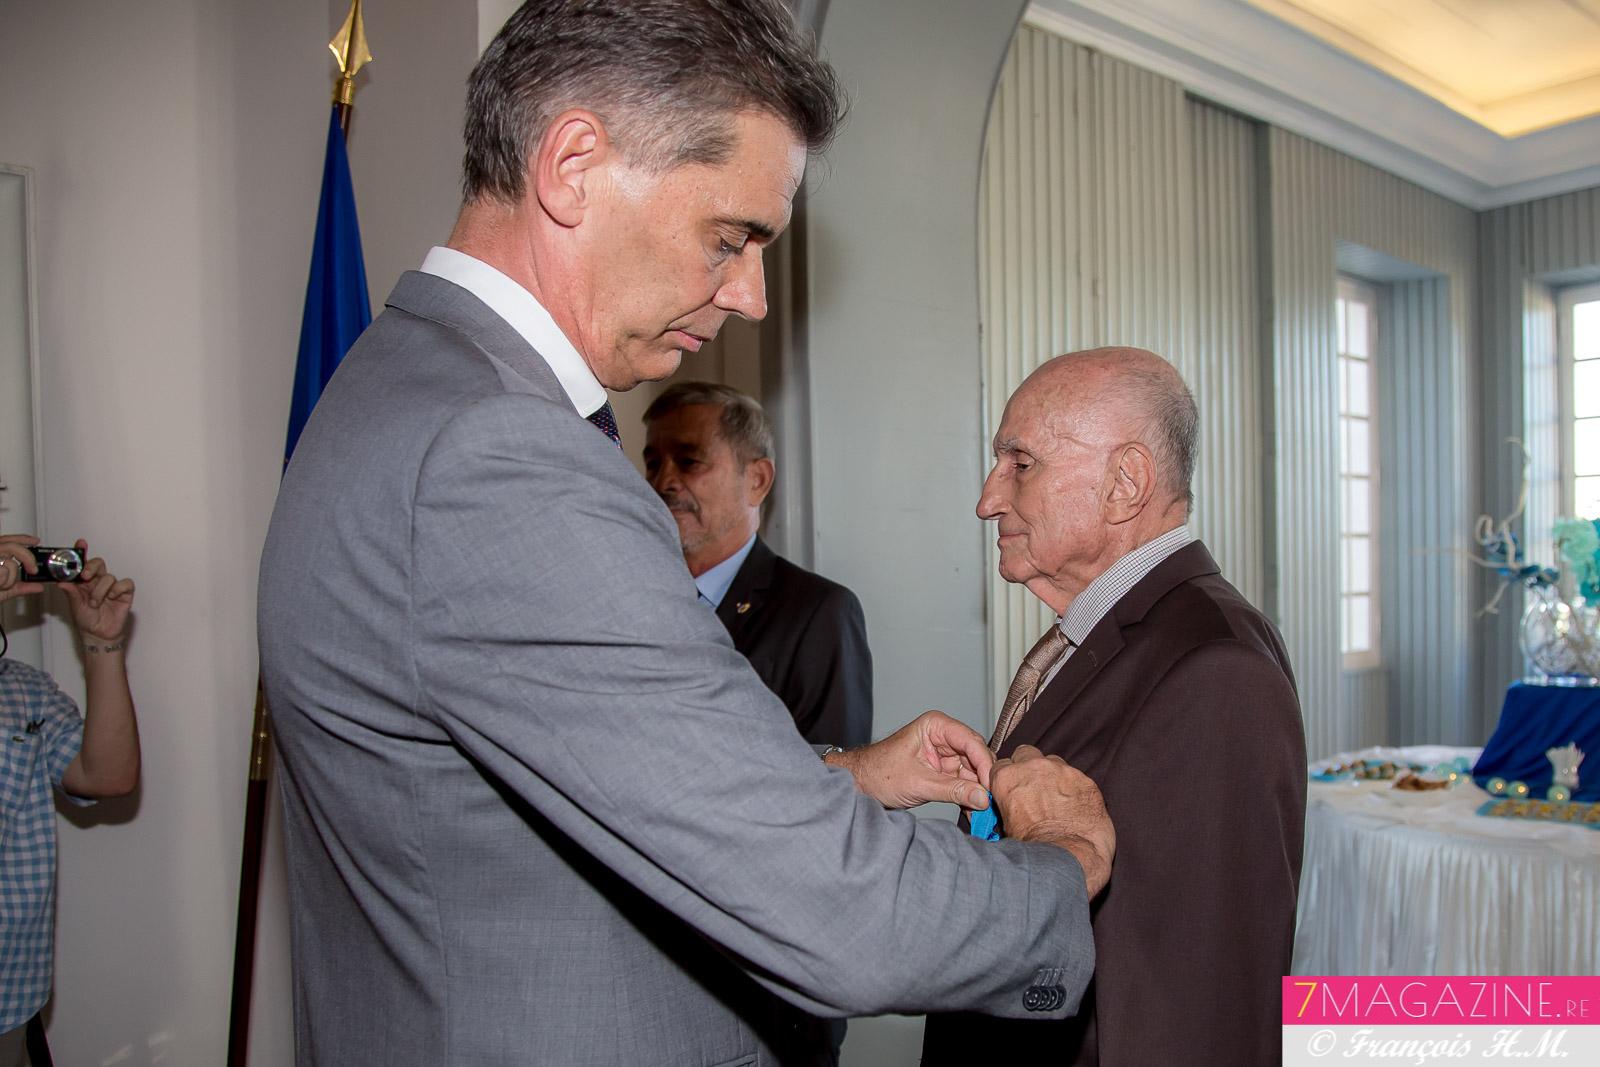 Paul Versini-Trollé est fait chevalier de l'Ordre National du Mérite